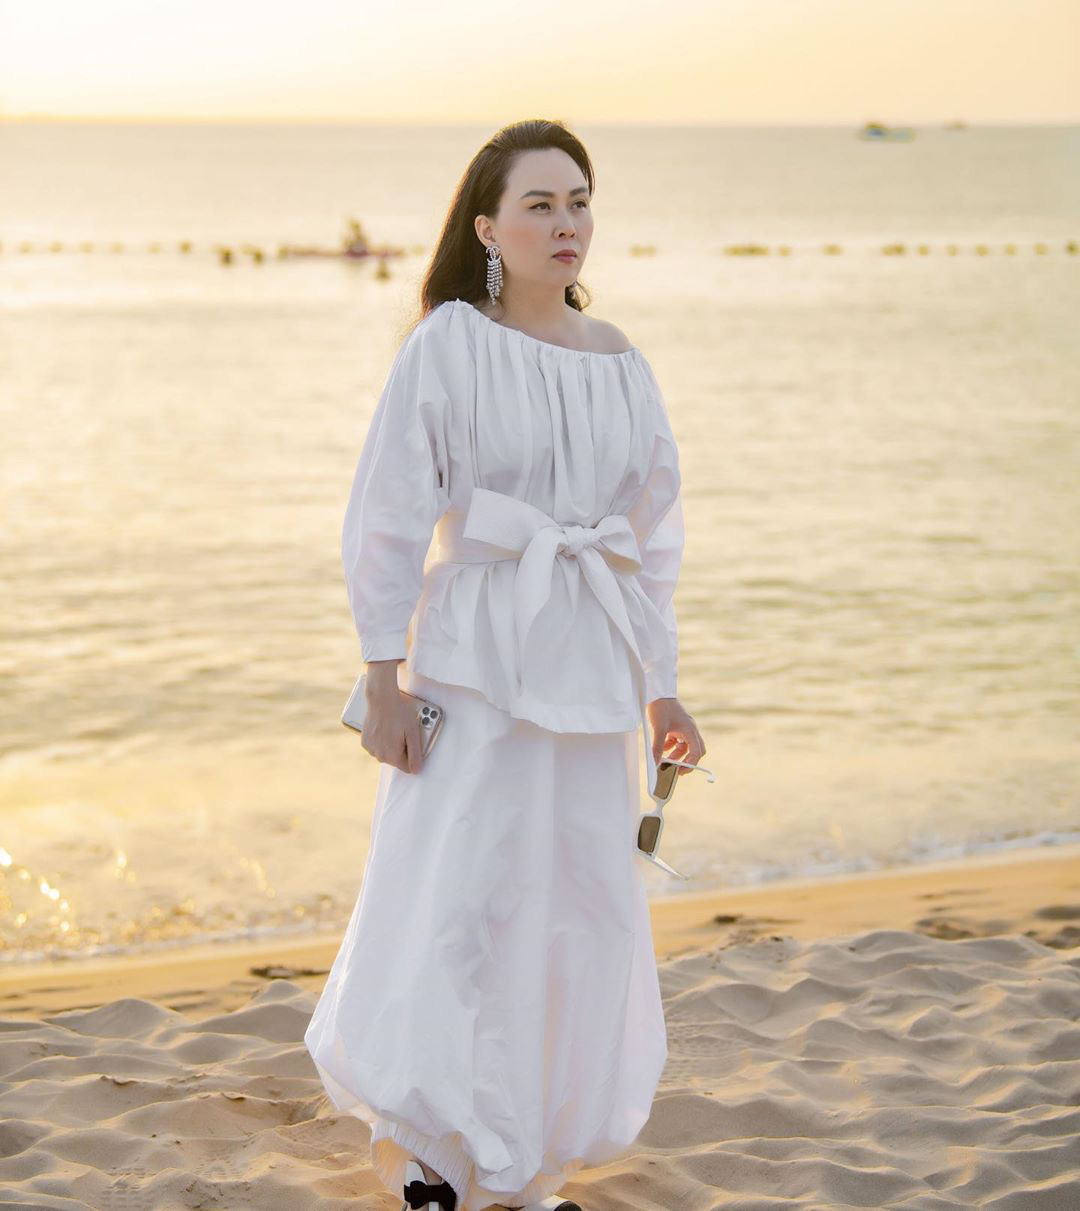 Chắc chưa có kinh nghiệm dự đám cưới ngoài bờ biển, Phượng Chanel diện đồ trắng sương sương mà đi đôi cao gót này thì lún hết cả chân rồi - Ảnh 2.